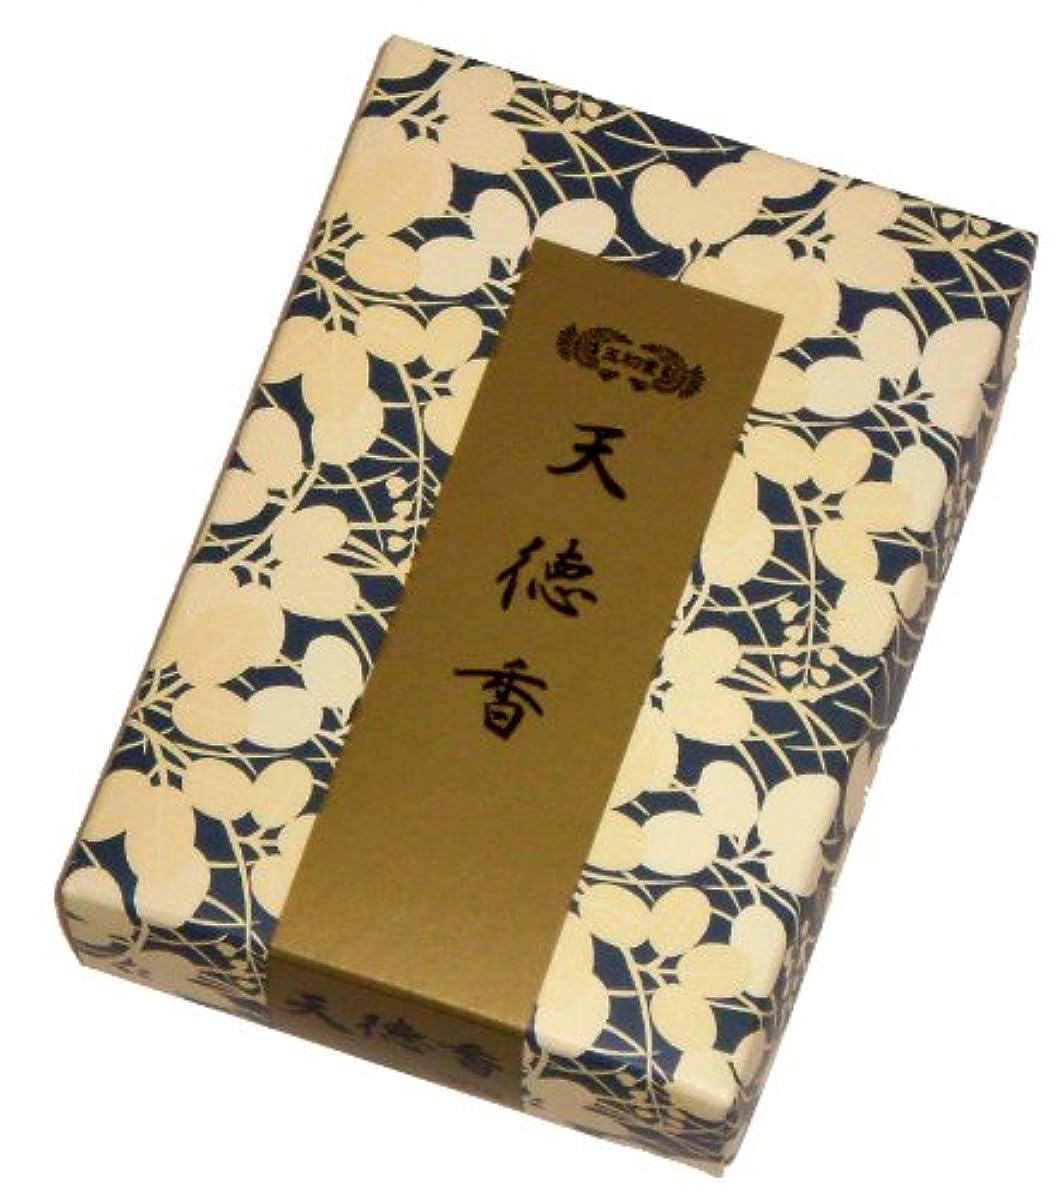 バランスぼかし再生的玉初堂のお香 天徳香 30g #655